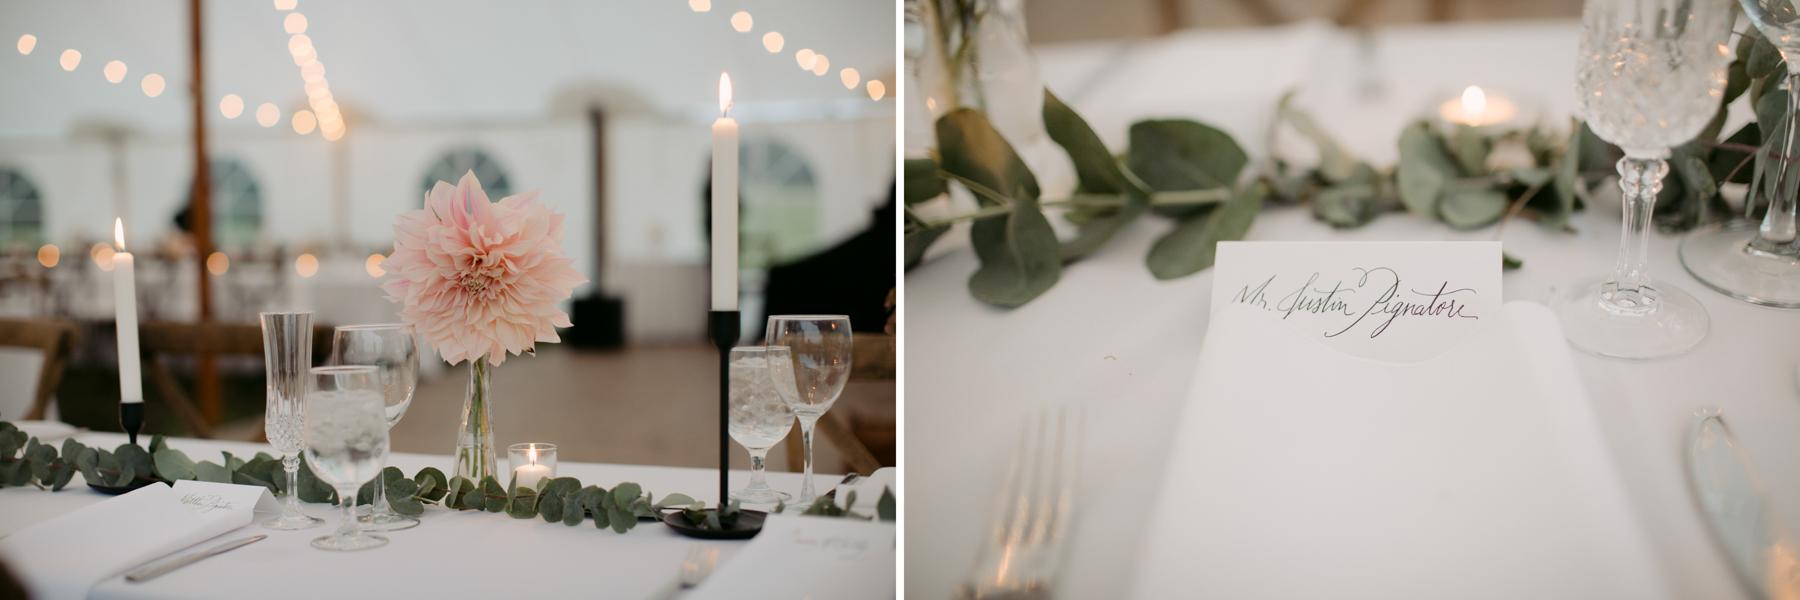 Hamilton_House_wedding_maine_Leah_Fisher_Photography-34.jpg